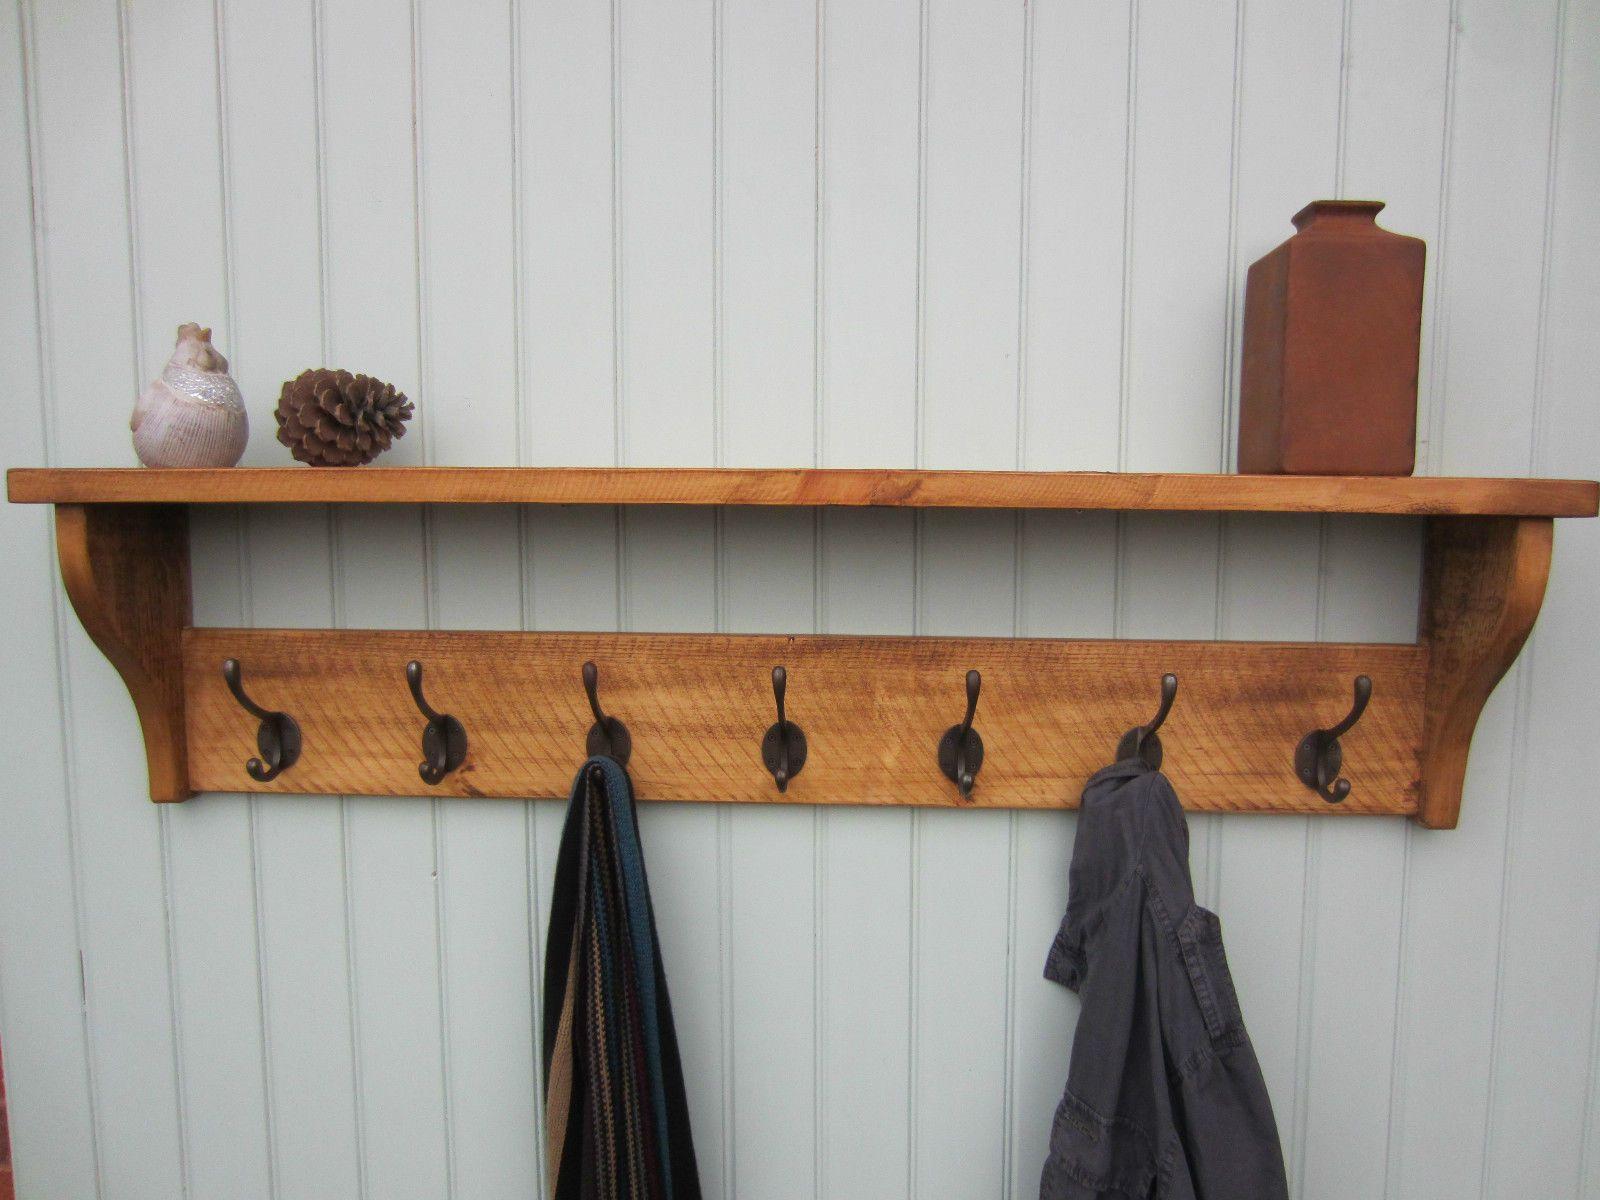 Rustic Pine Hat Coat Rack Shelf 2 3 4 5 6 7 Hooks Also In Shabby Chic White Coat Rack Shelf Diy Coat Rack Rustic Coat Rack